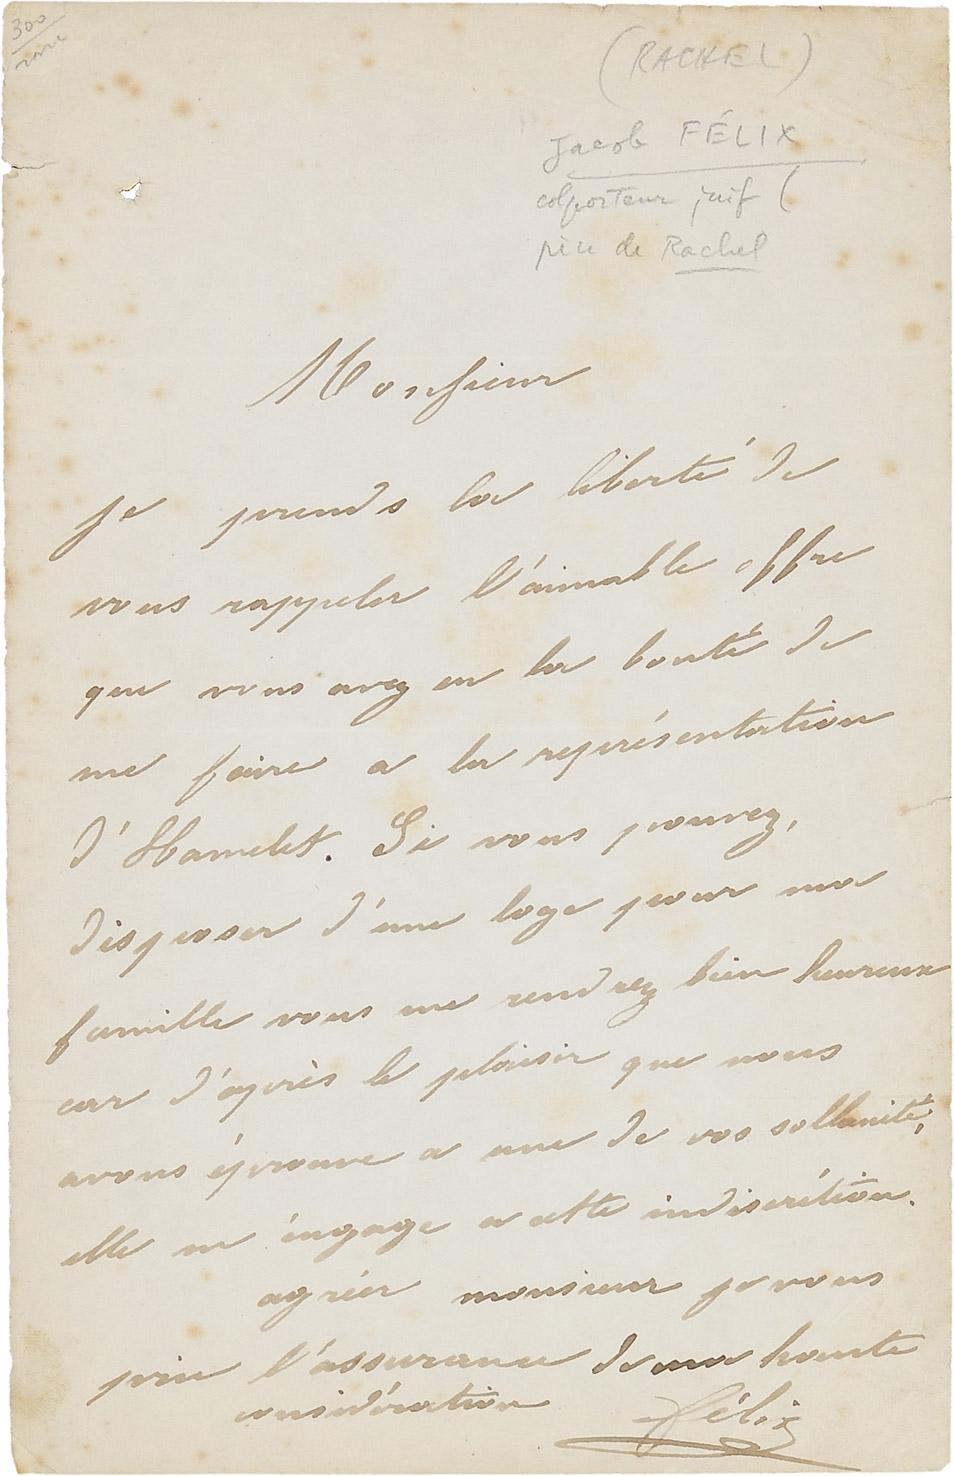 Lettre de Jacob Félix - Patrimoine Charles-André COLONNA WALEWSKI, en ligne directe de Napoléon